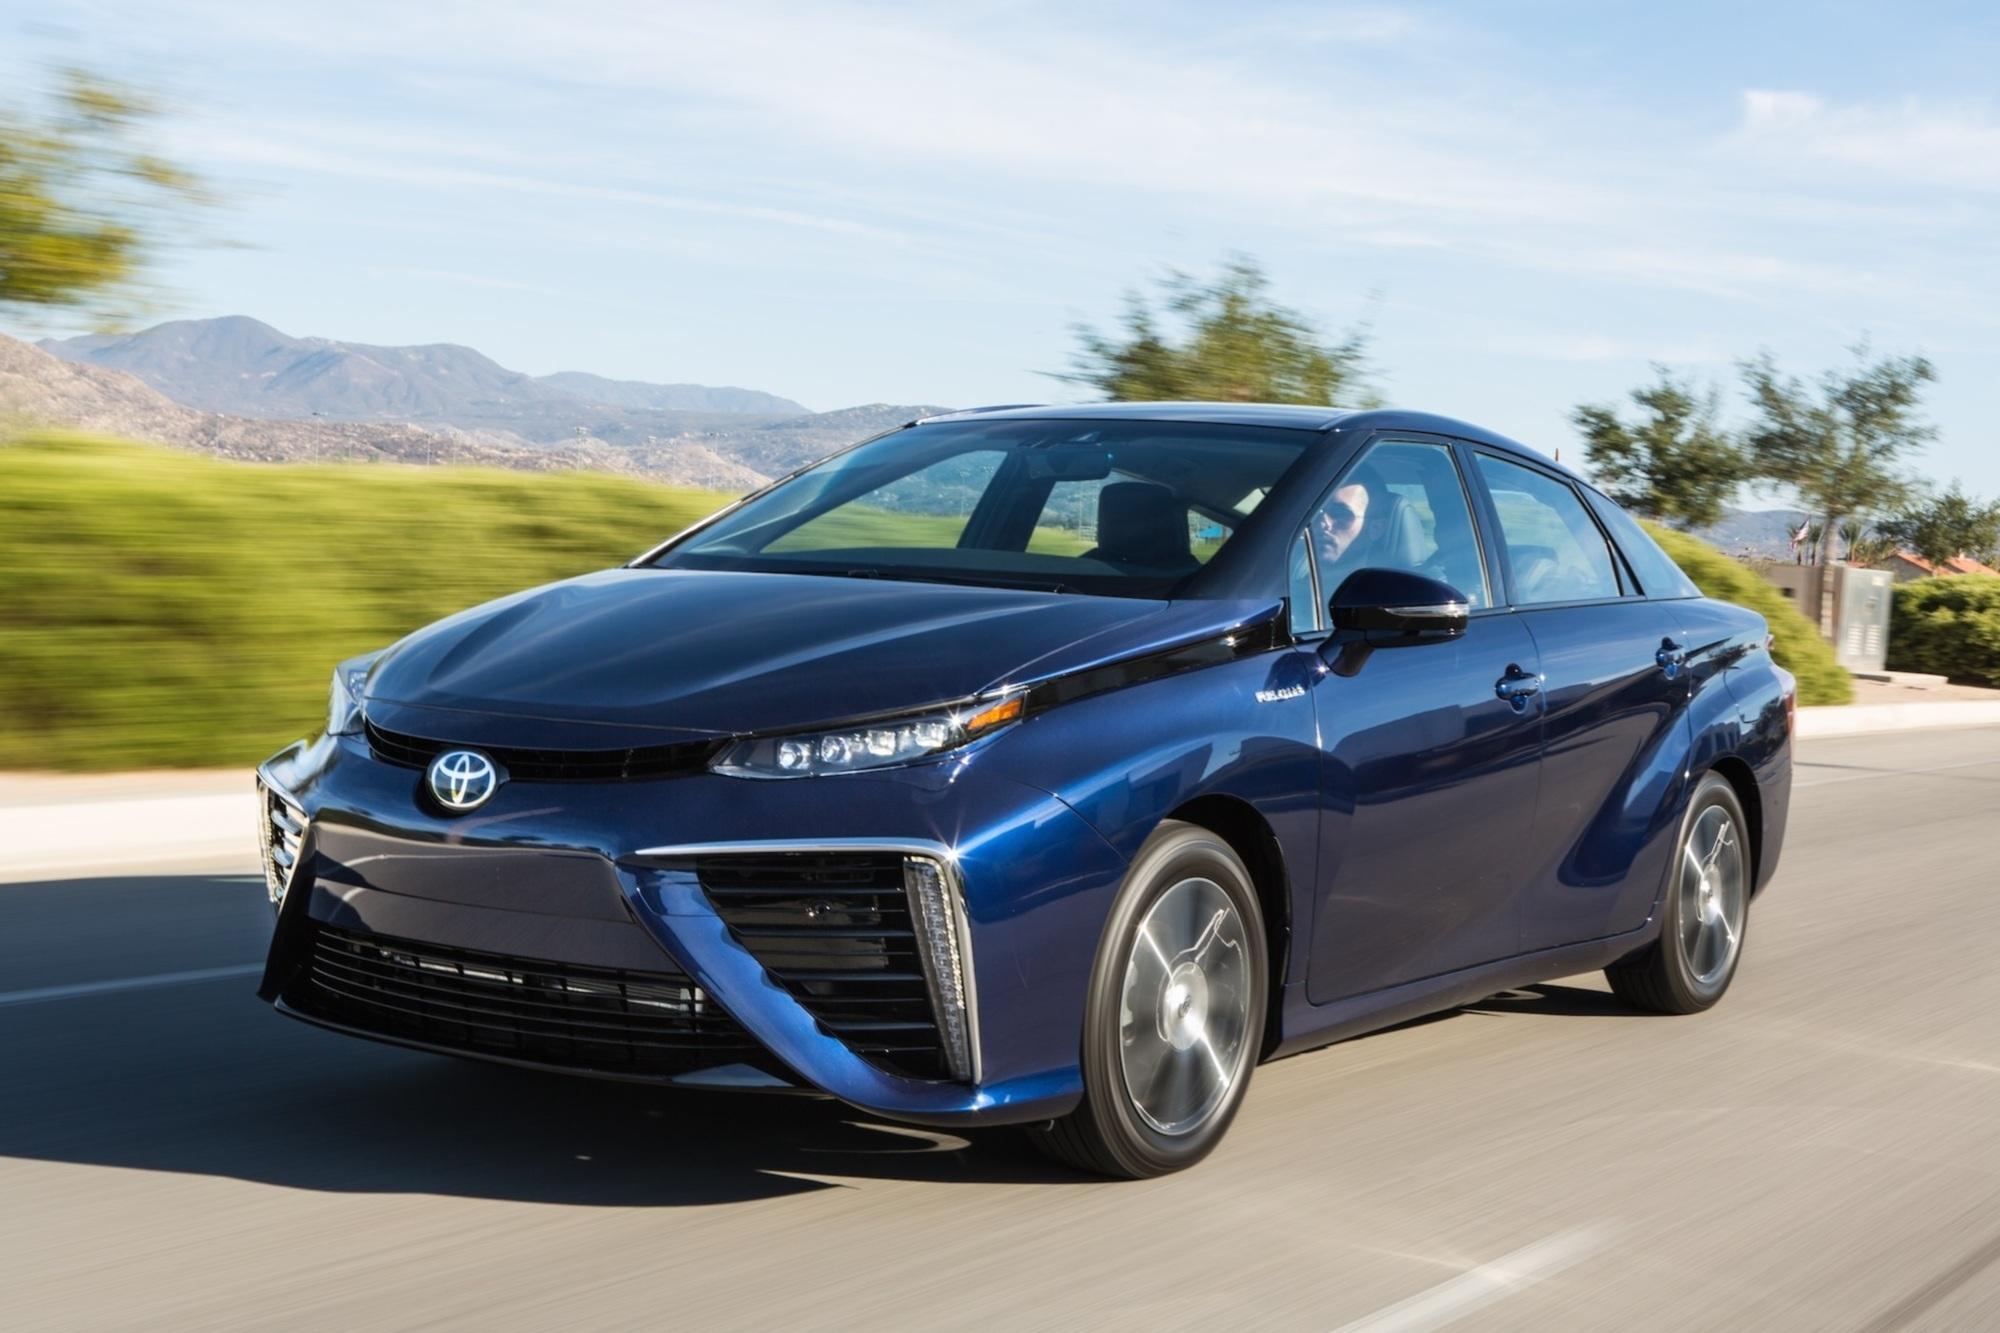 Fahrbericht: Toyota Mirai - Captain Future gibt sich die Ehre